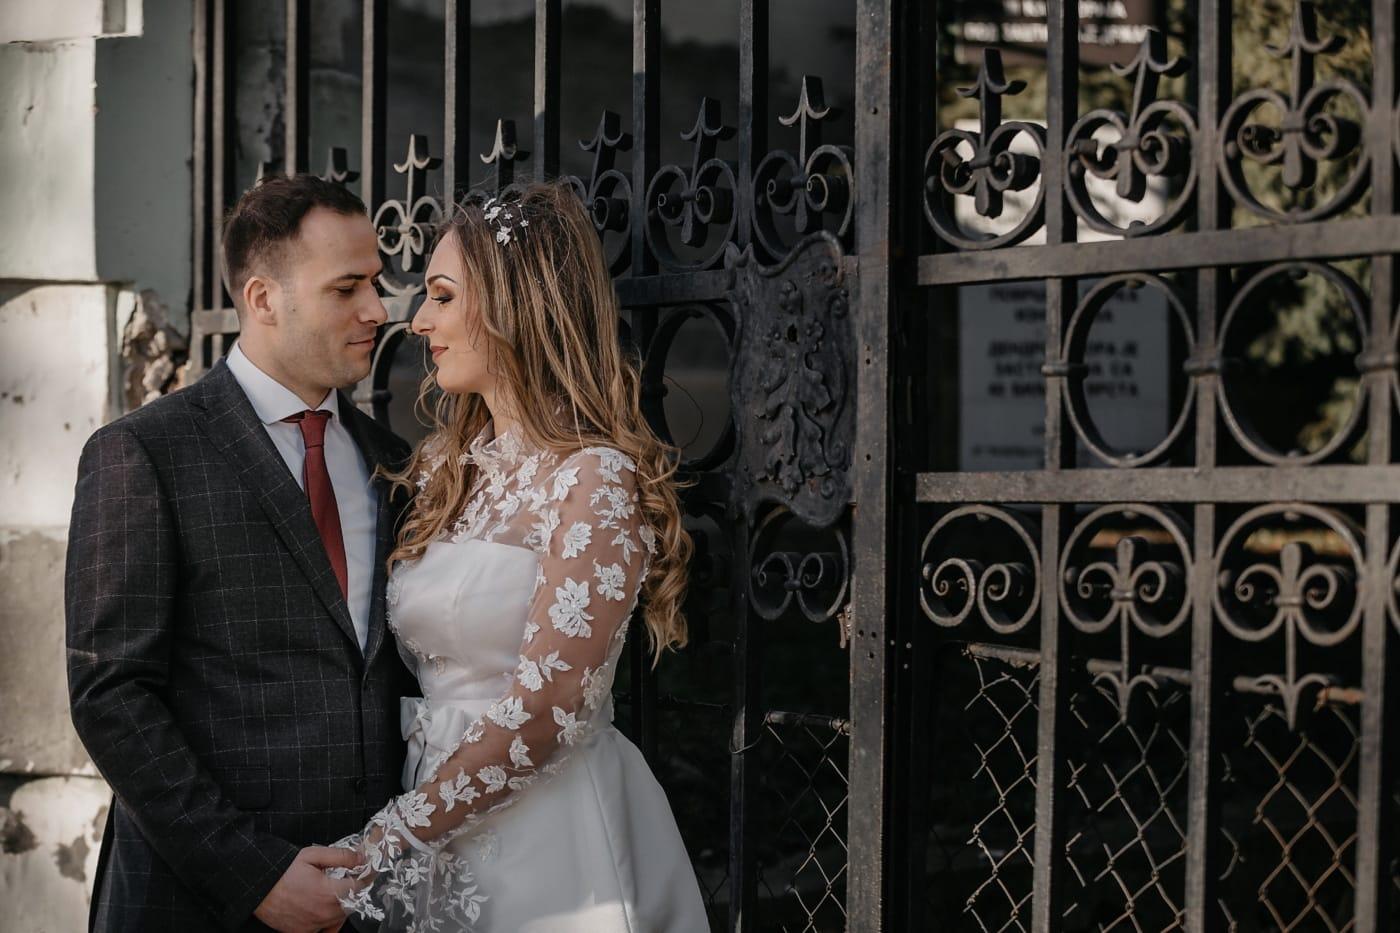 Gerbang, besi cor, pengantin pria, Pengantin, kasih sayang, pernikahan, Cinta, Laki-laki, potret, mode